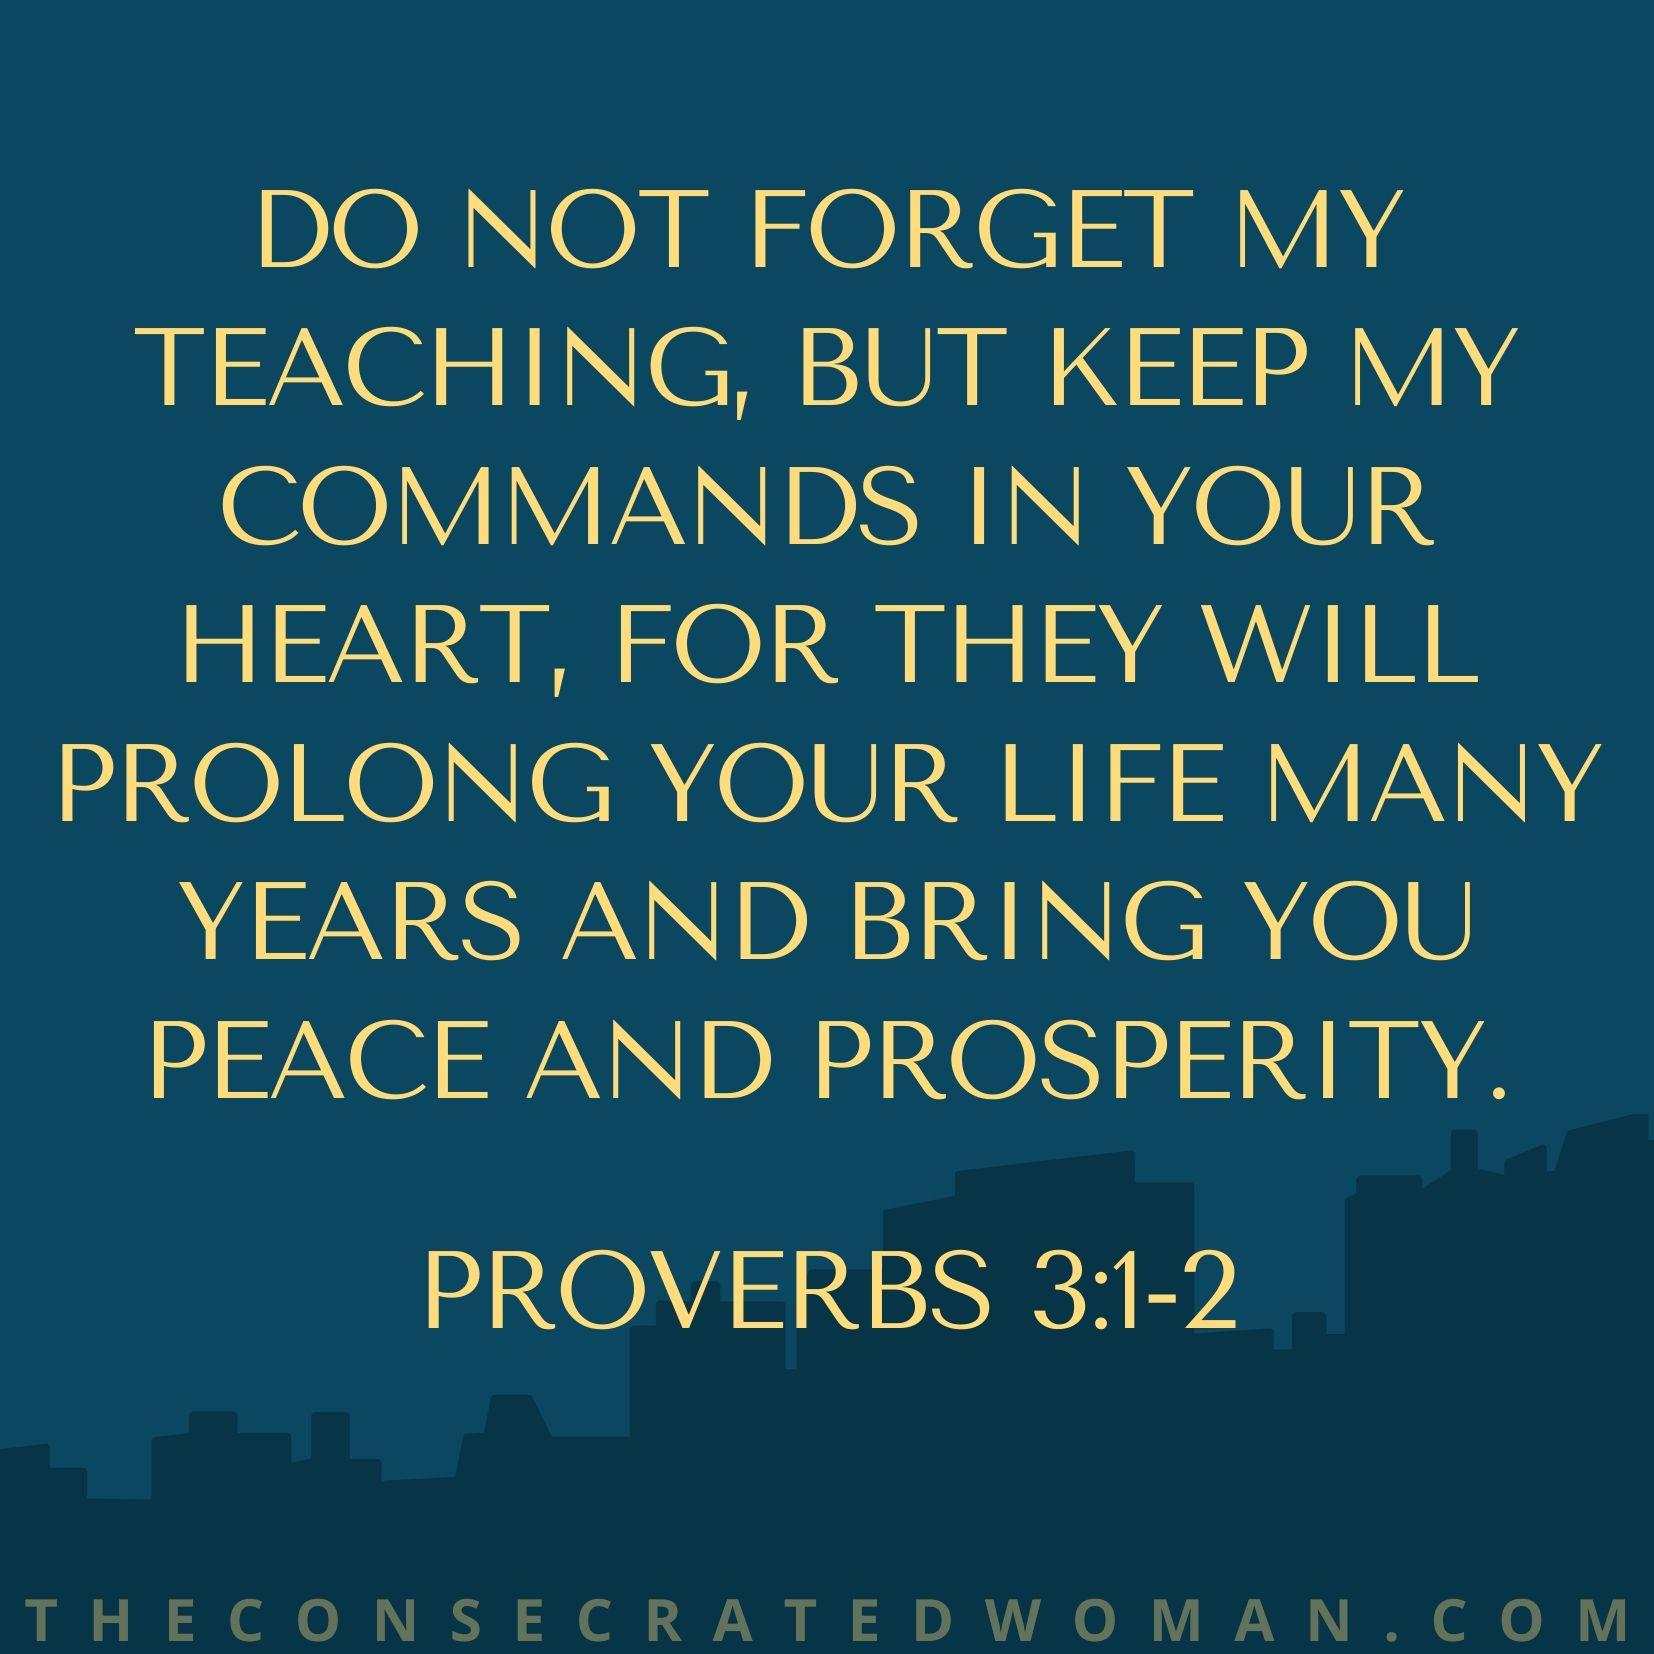 proverbs 3 1-2